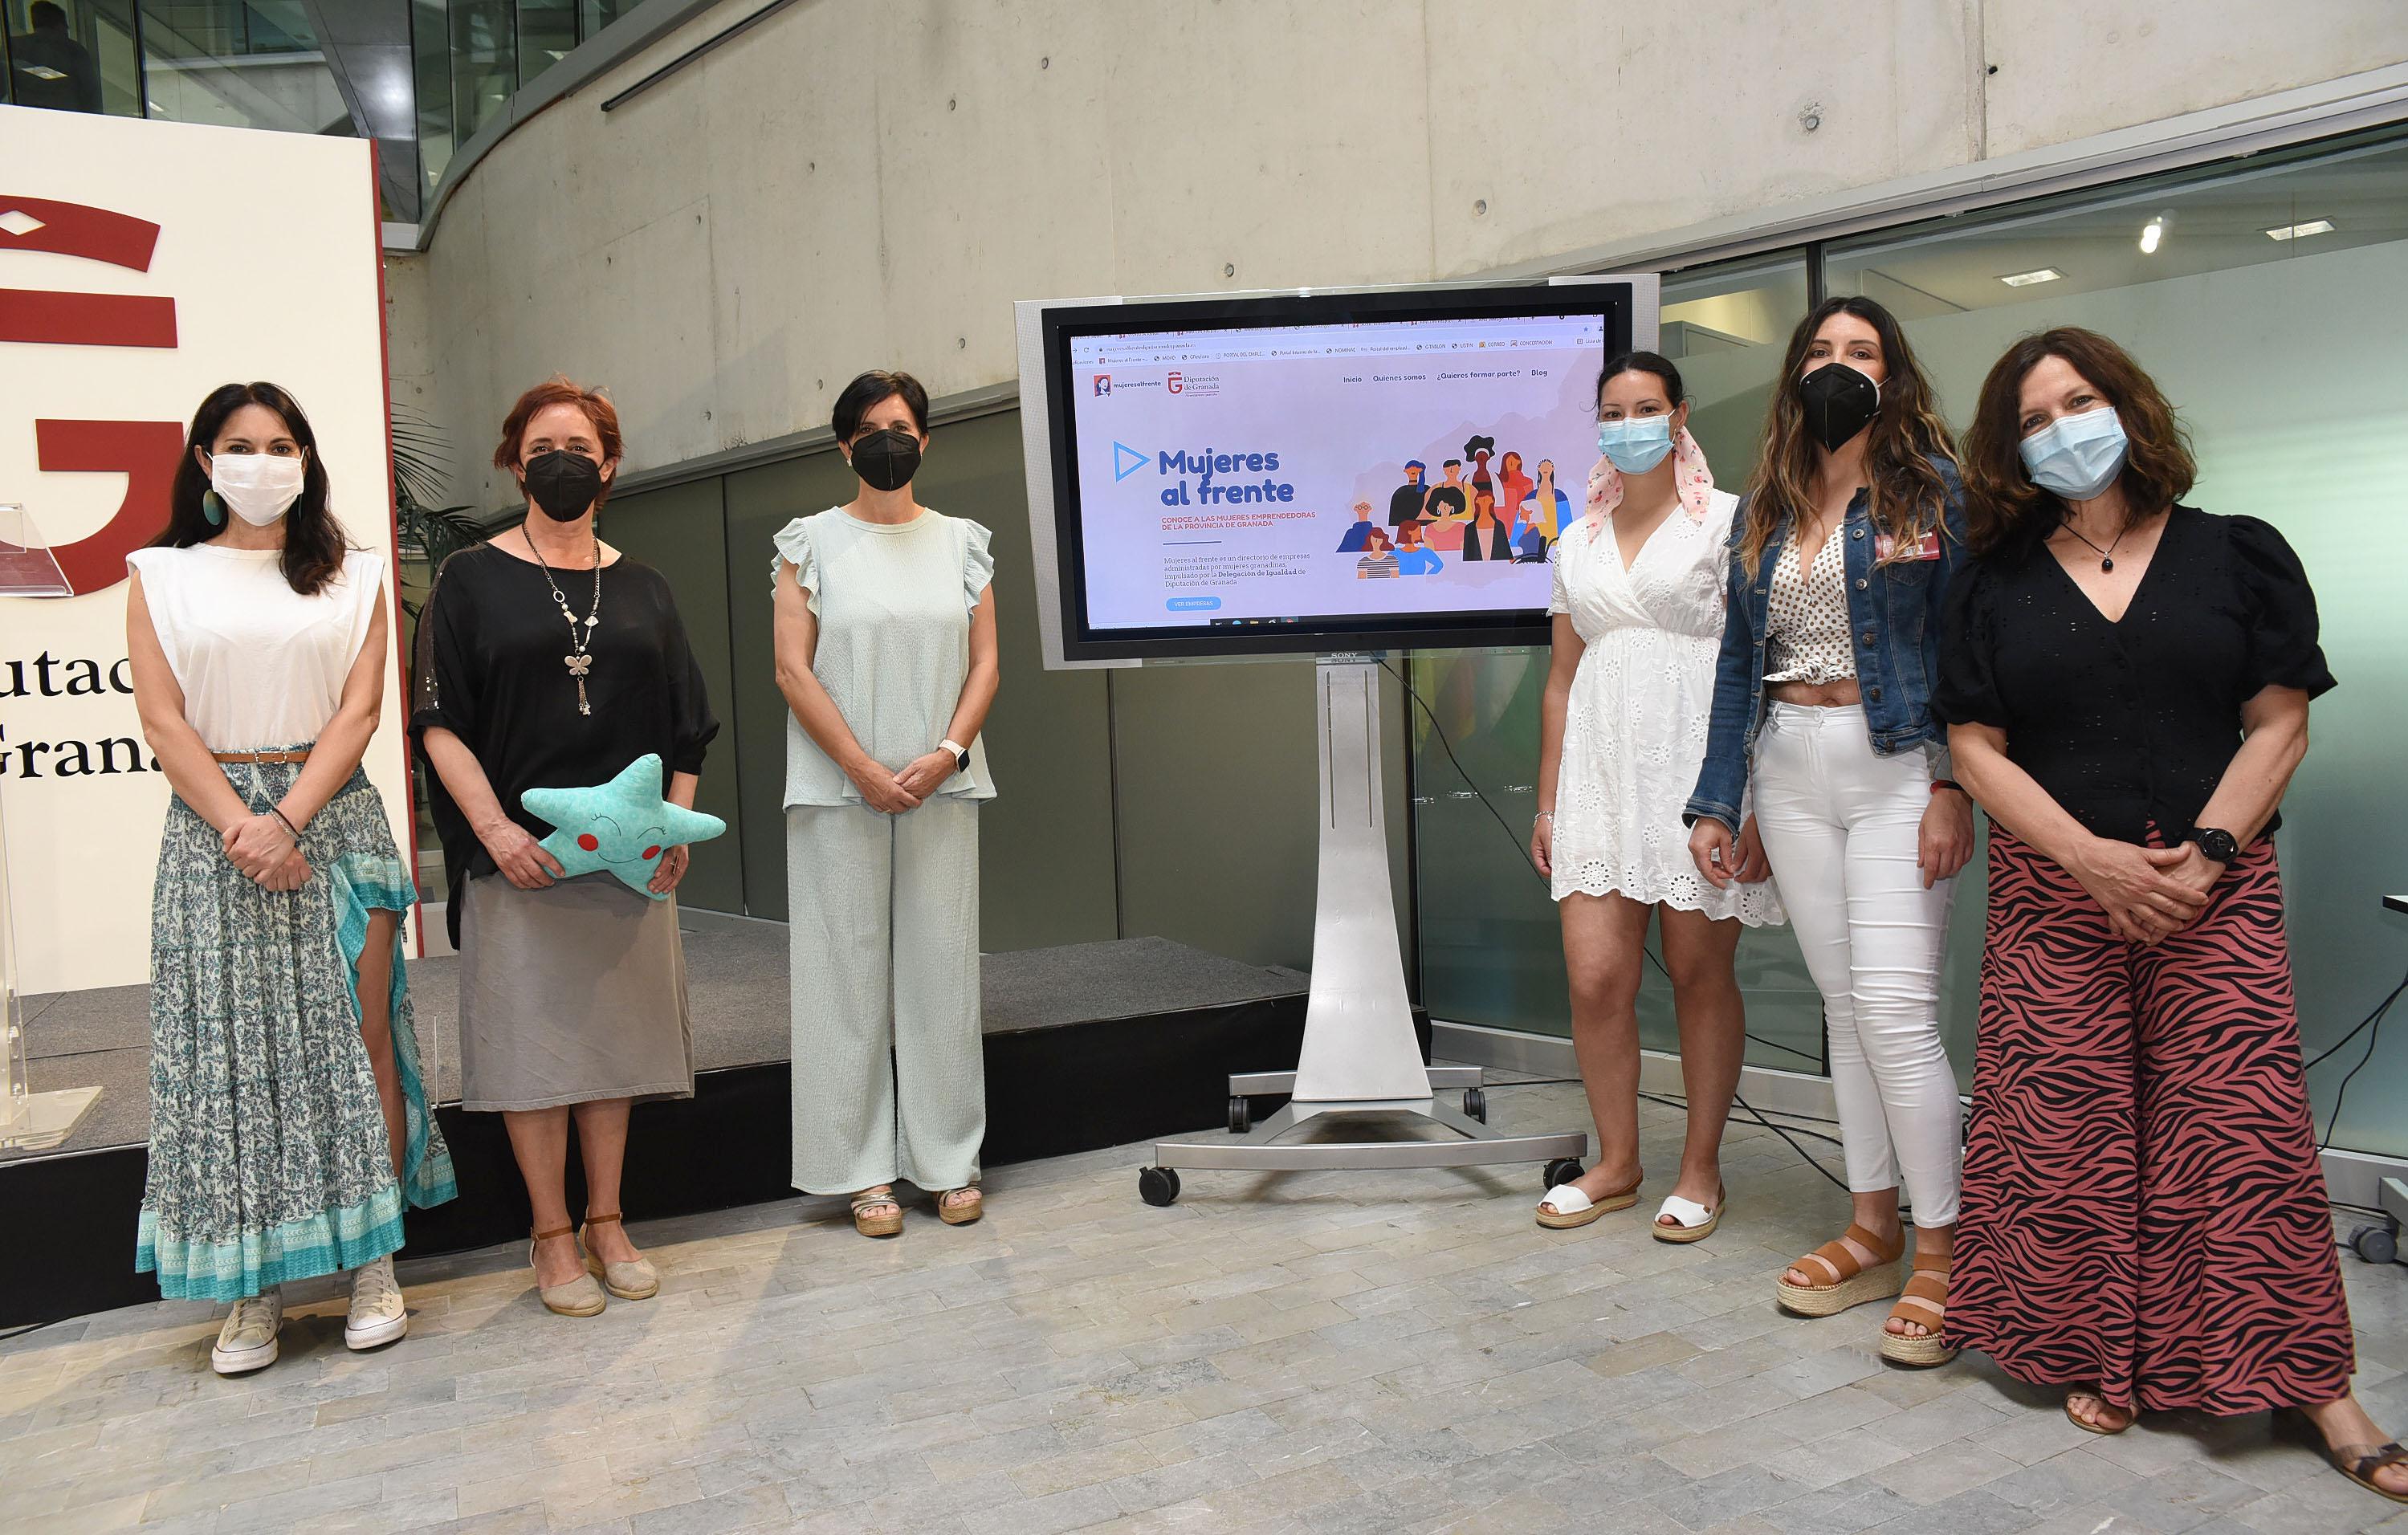 Crean una web para que mujeres emprendedoras de la provincia promocionen sus negocios